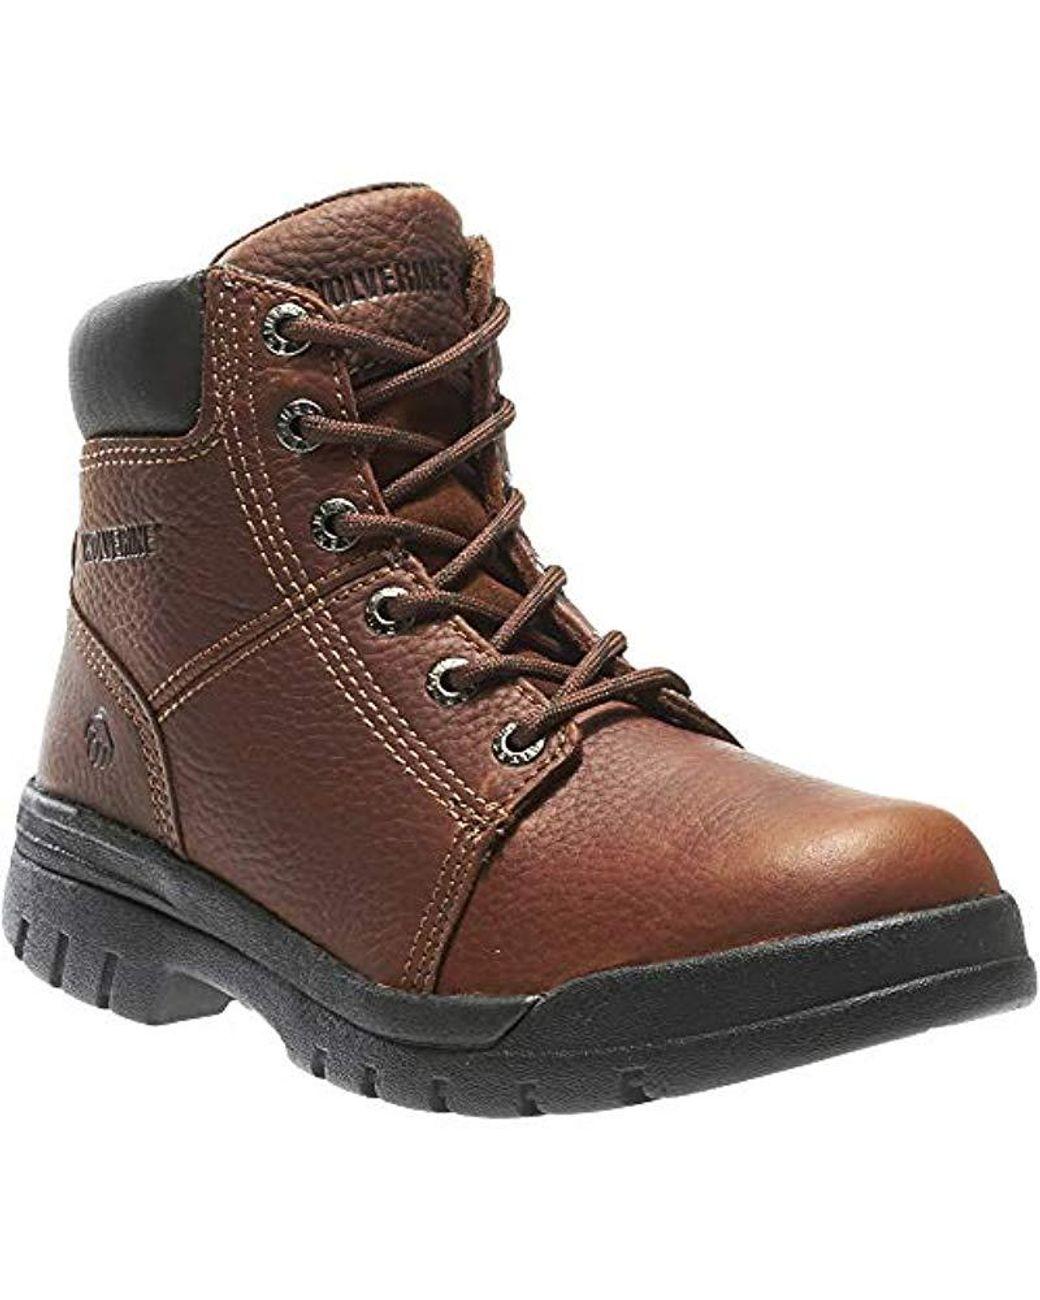 0831dd23569 Men's Brown Marquette W04735 Work Boot